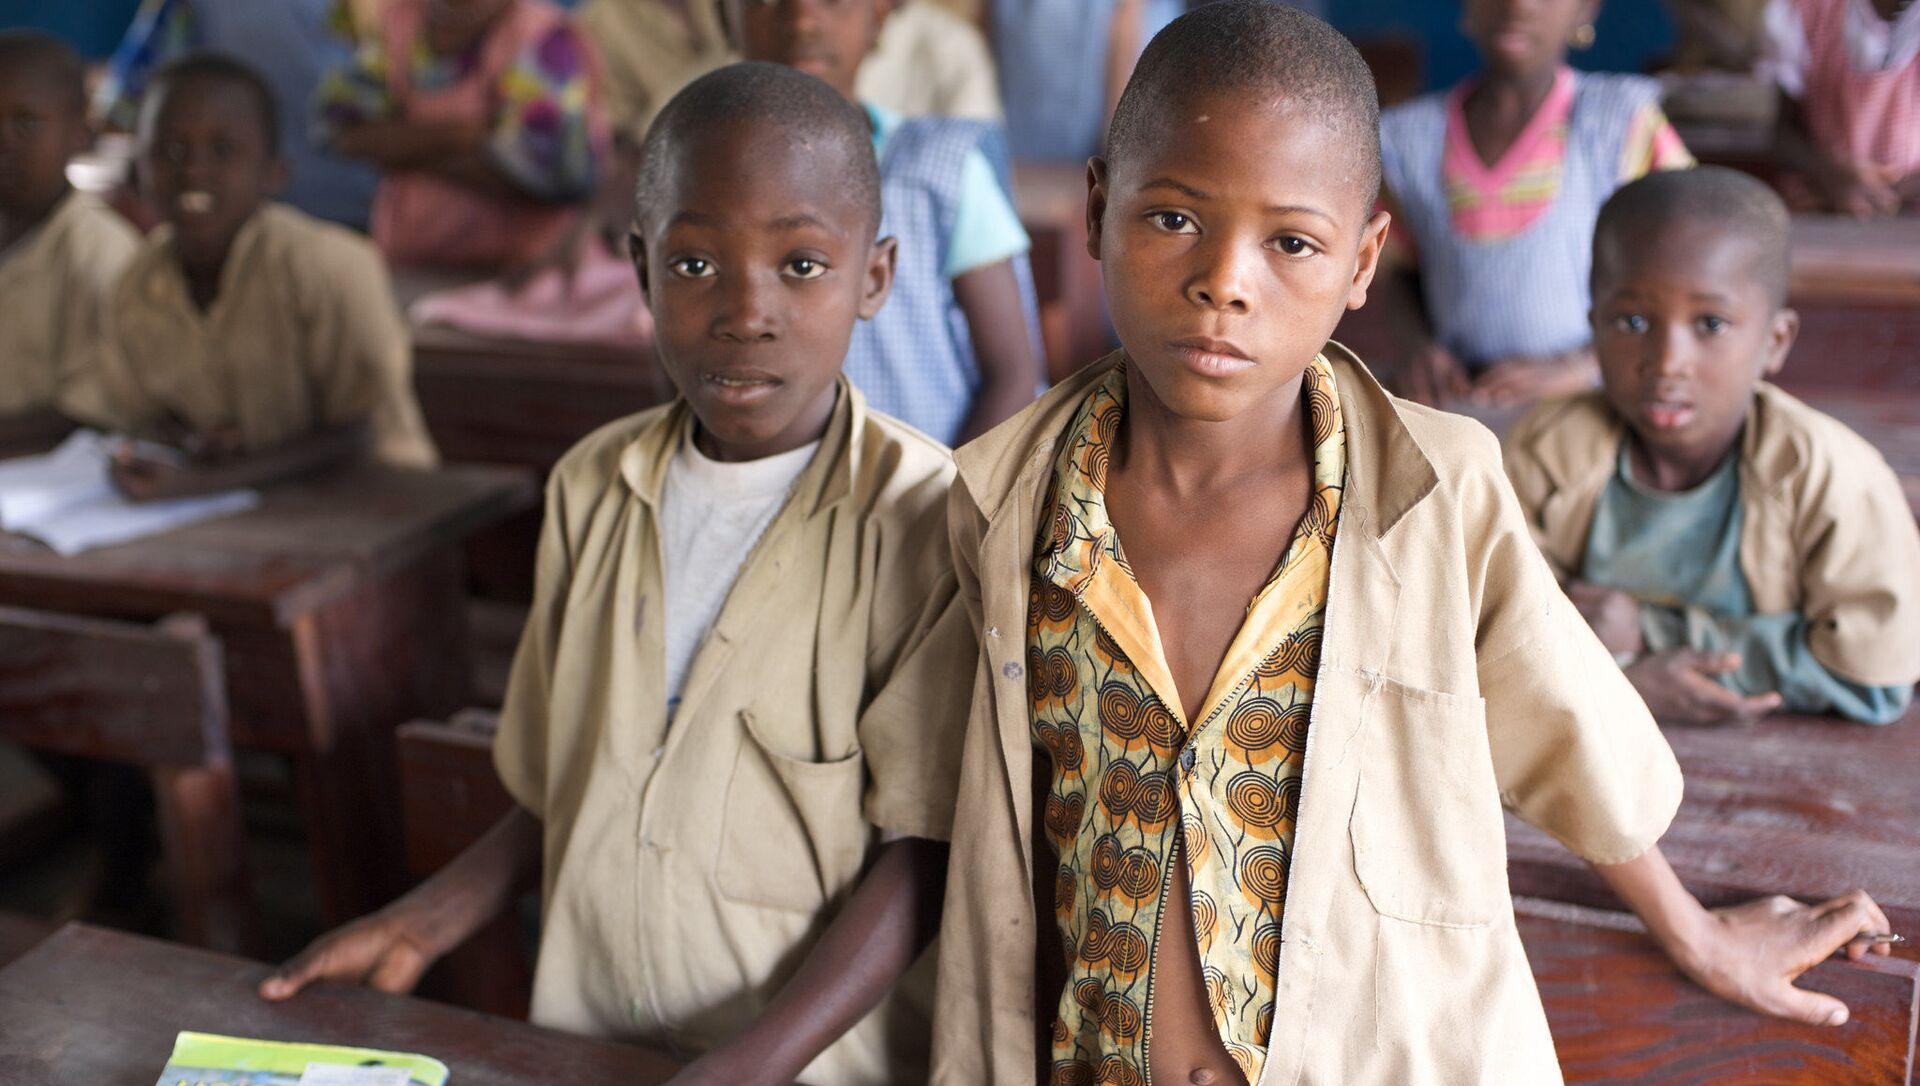 Les enfants en Afrique, image d'illustration - Sputnik France, 1920, 23.06.2021